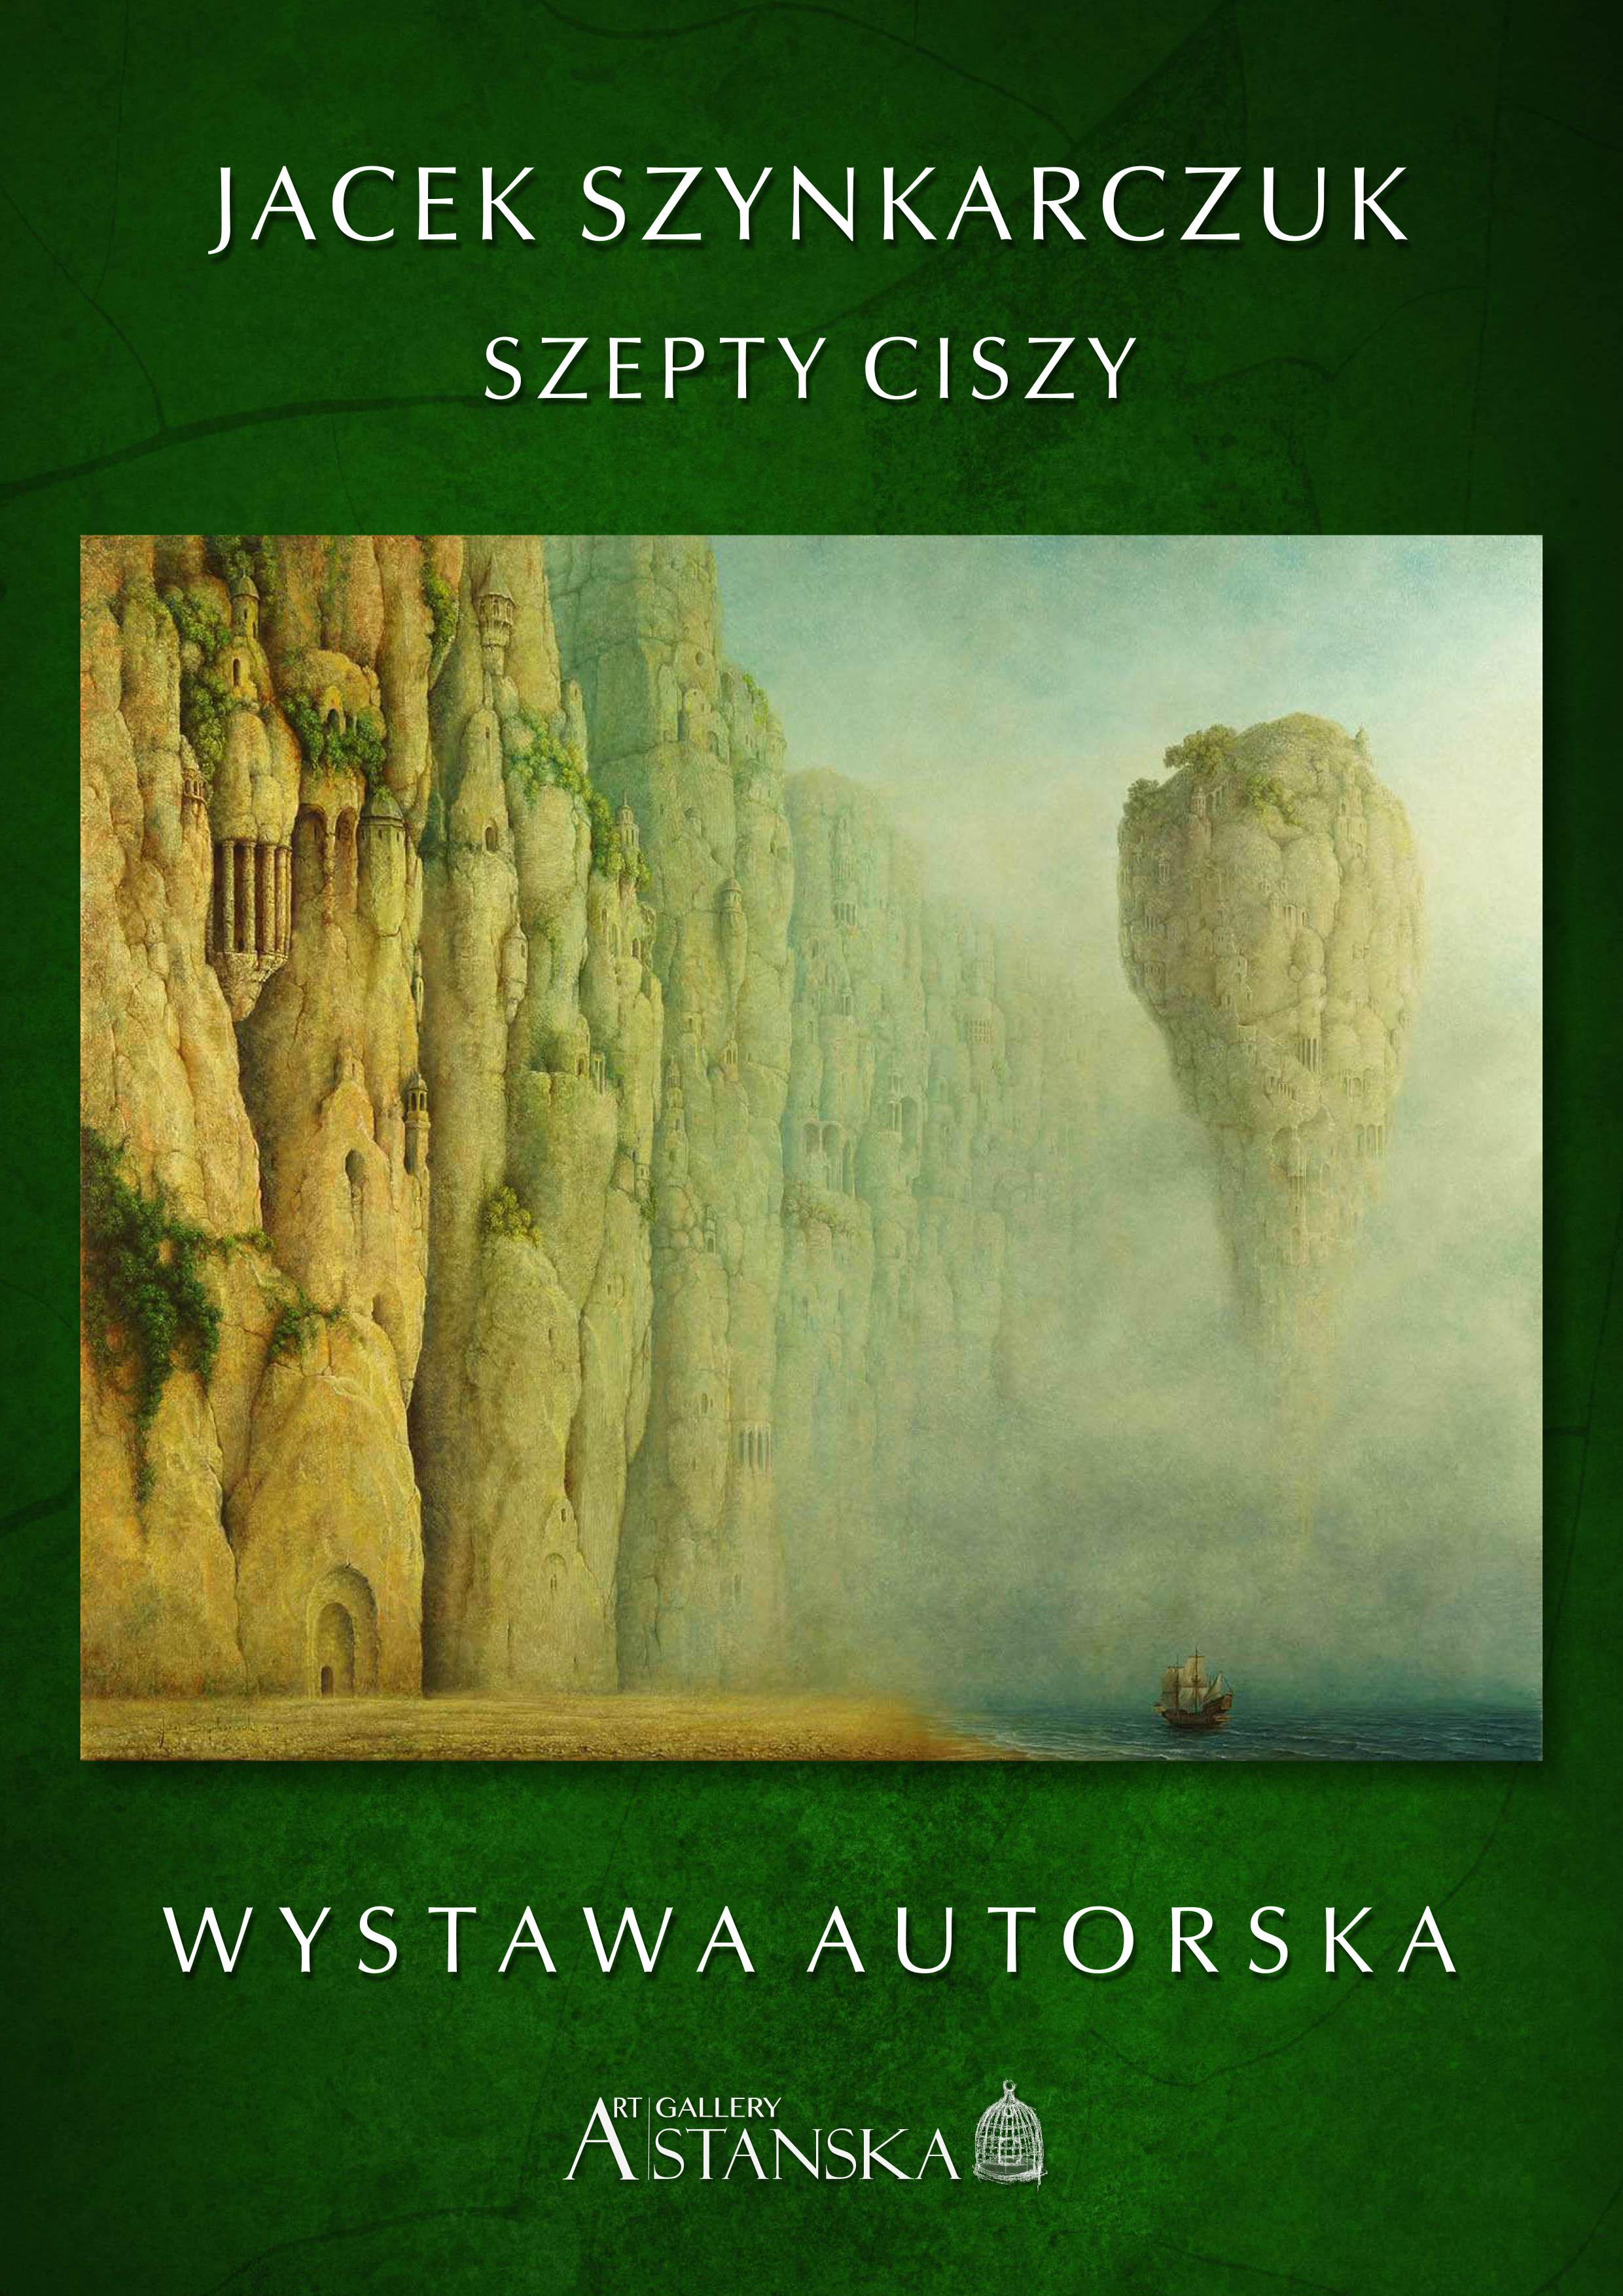 Jacek Szynkarczuk - katalog wystawy Warszawa 2019